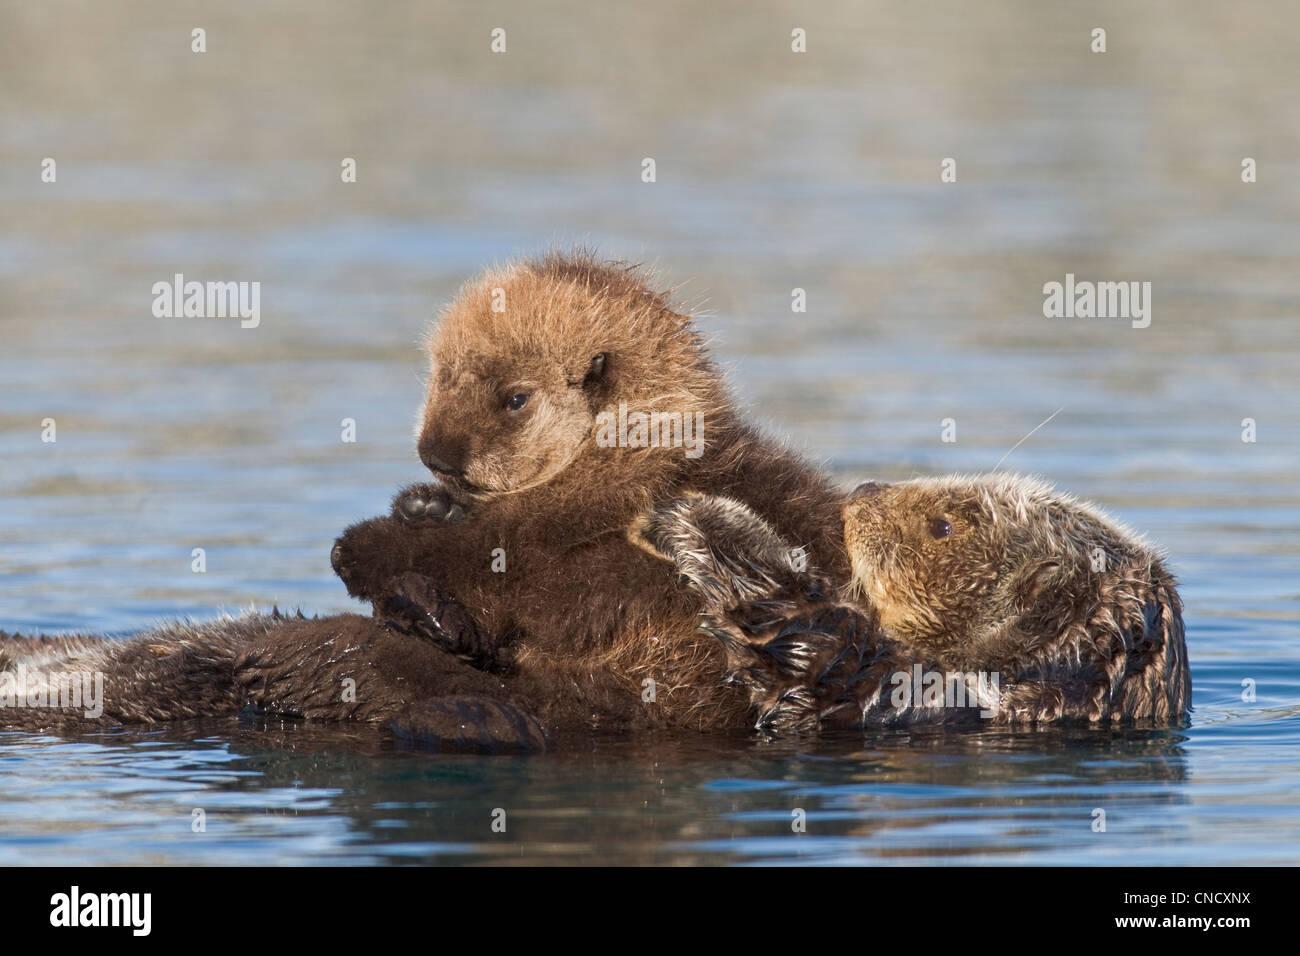 Loutre de mer femelle chiot nouveau-né à cheval sur son ventre, Prince William Sound, Southcentral Alaska, Winter Banque D'Images